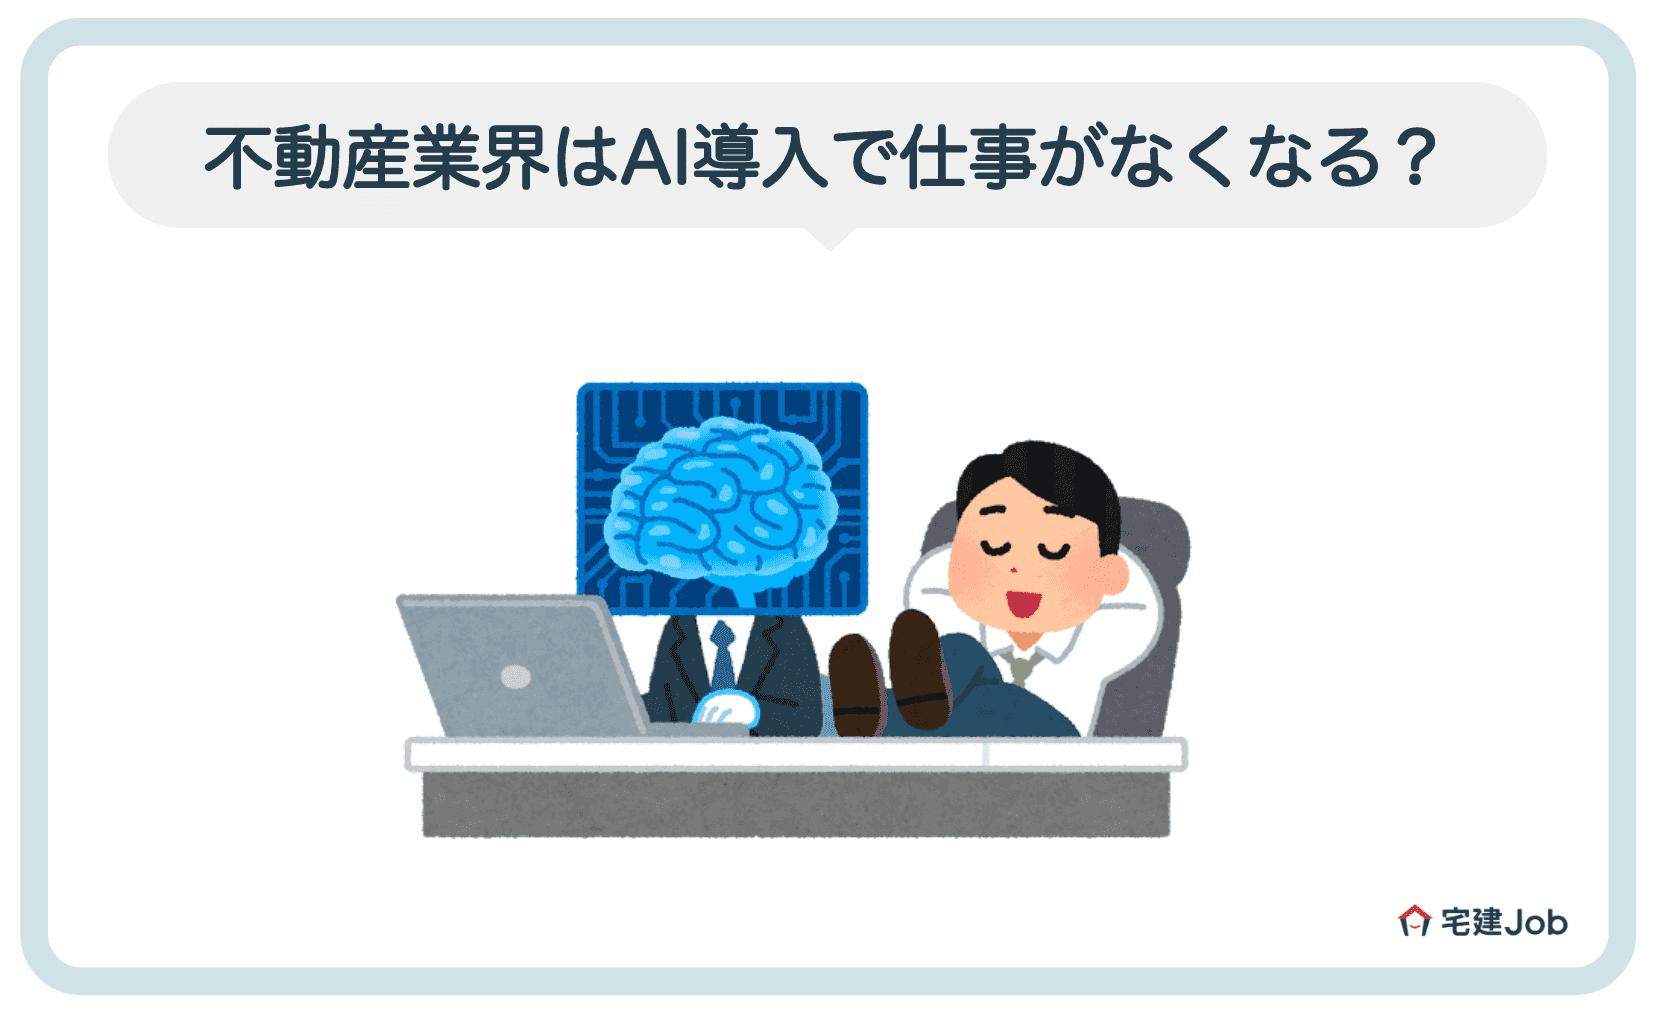 3.不動産業界はAI(人工知能)導入で仕事がなくなる?